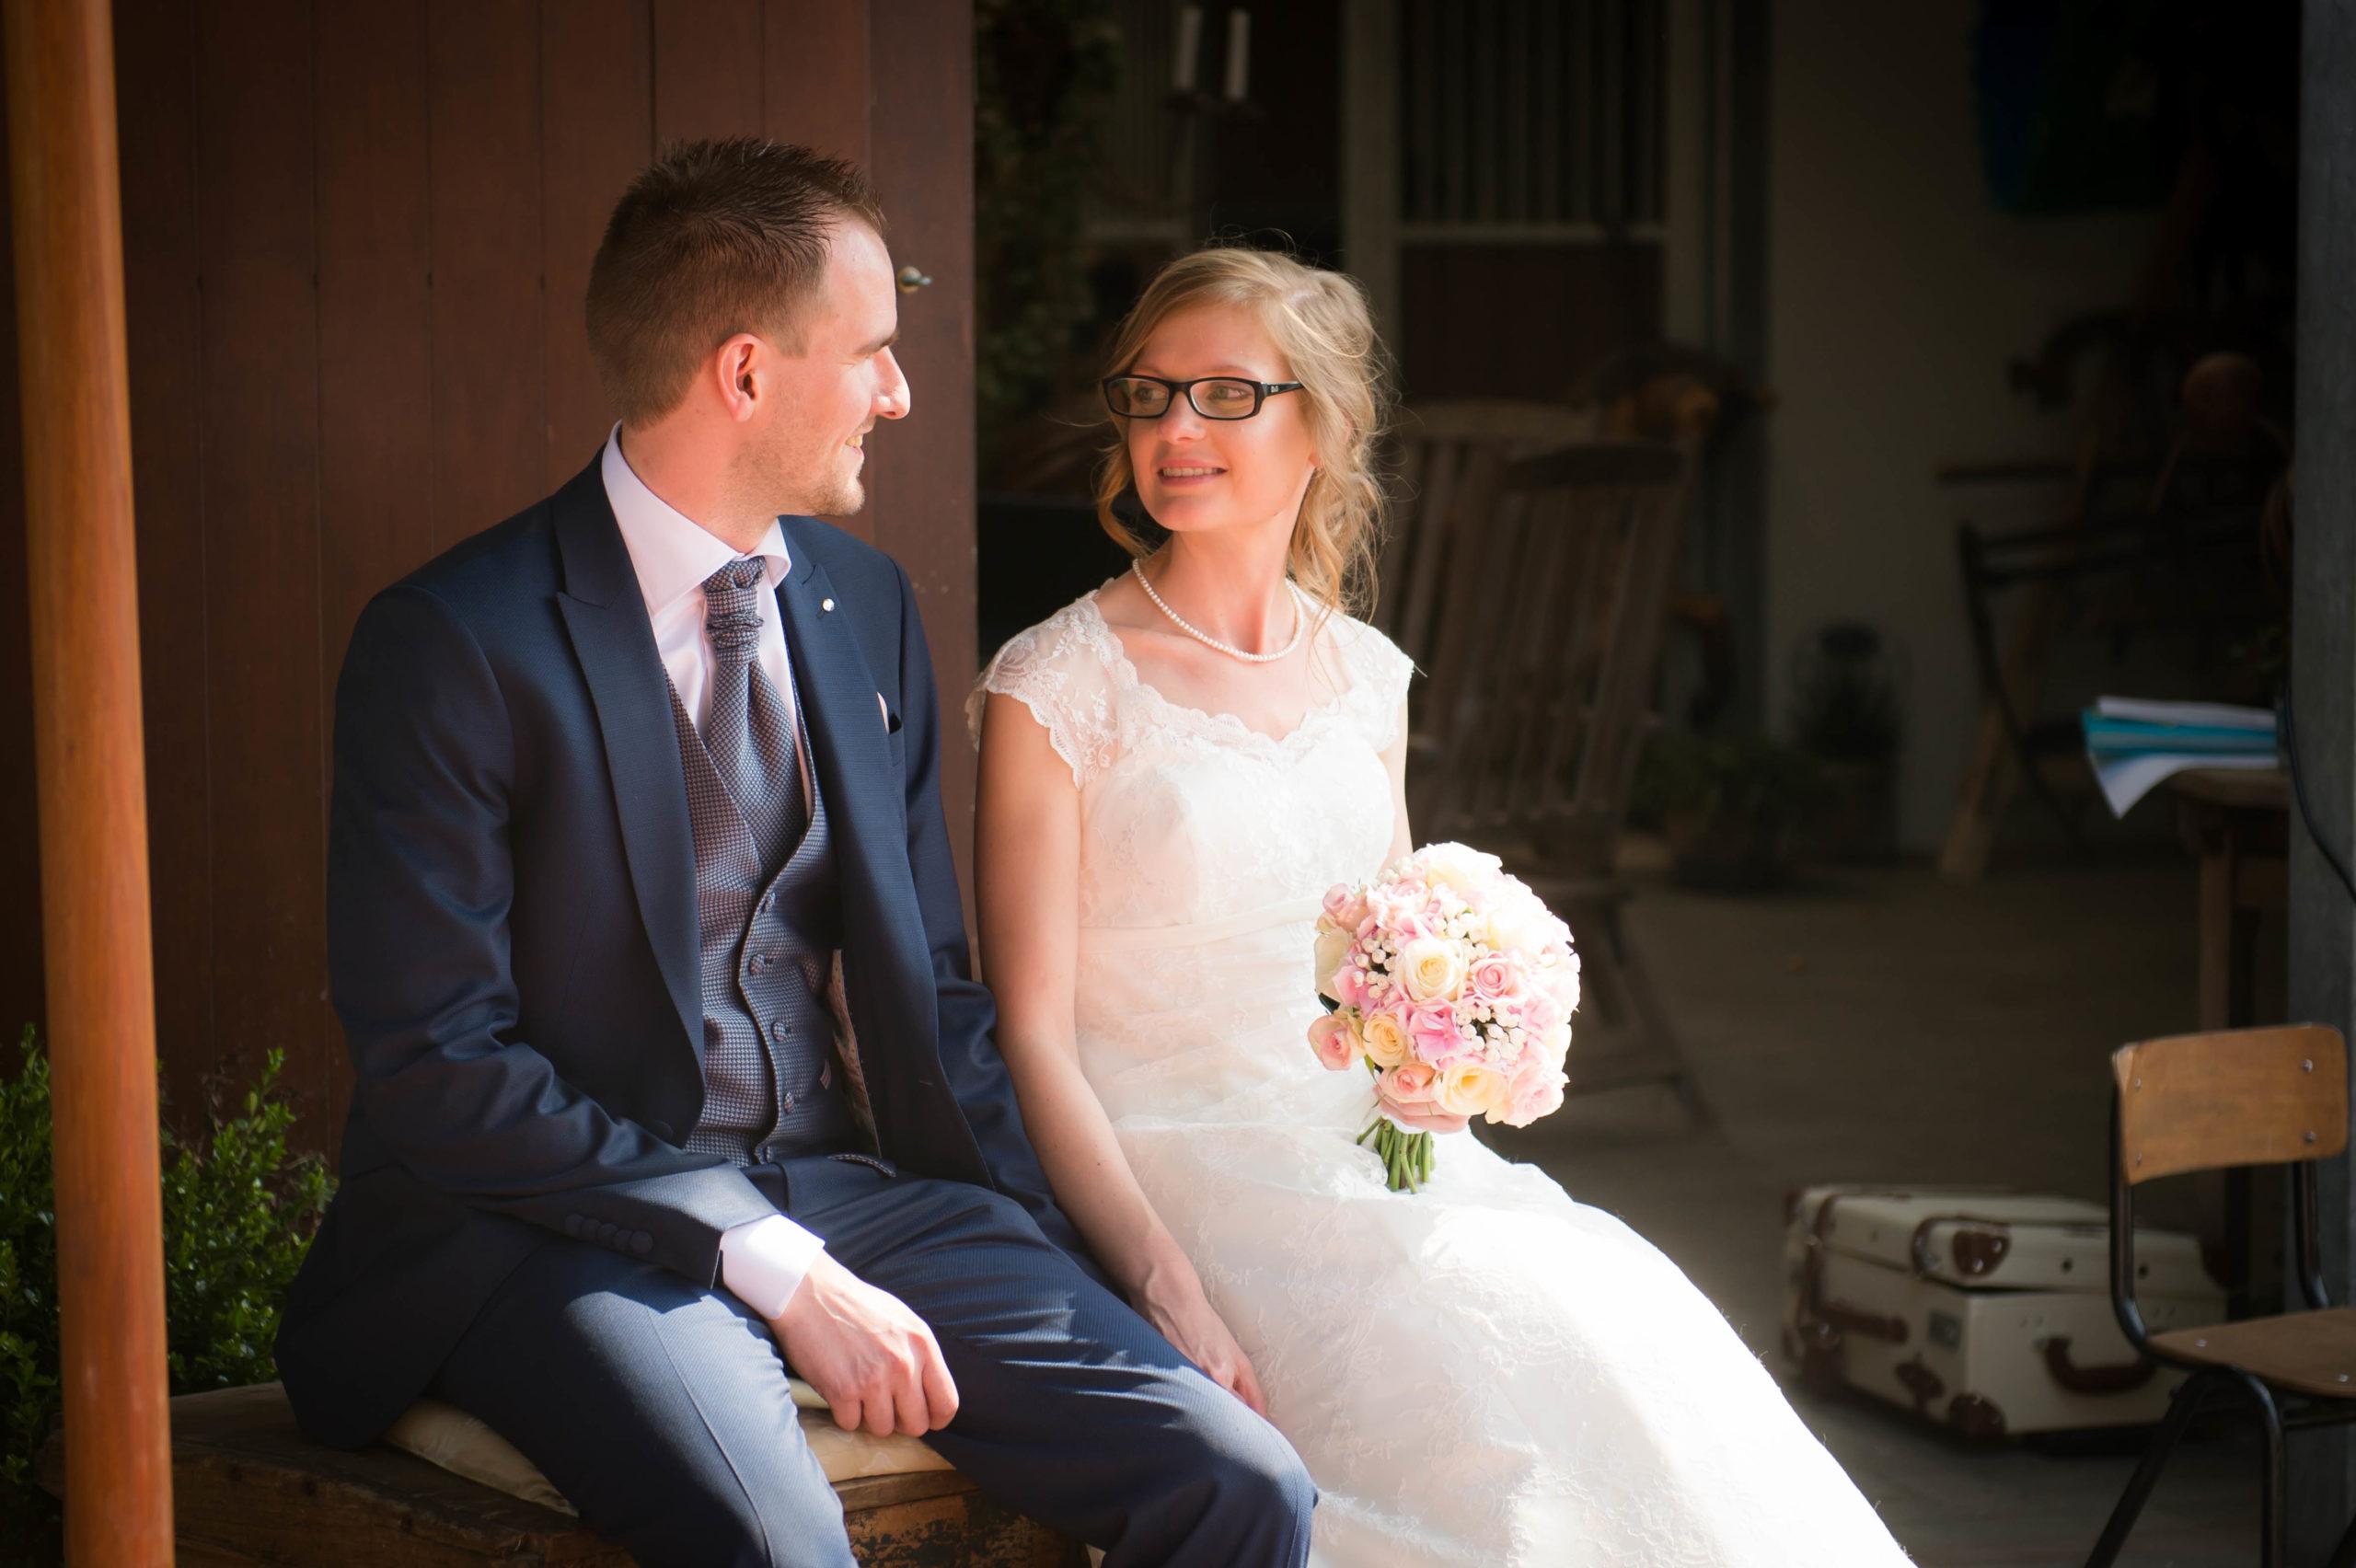 bruid bruidegom bruidsboeket huwelijk ceremonie